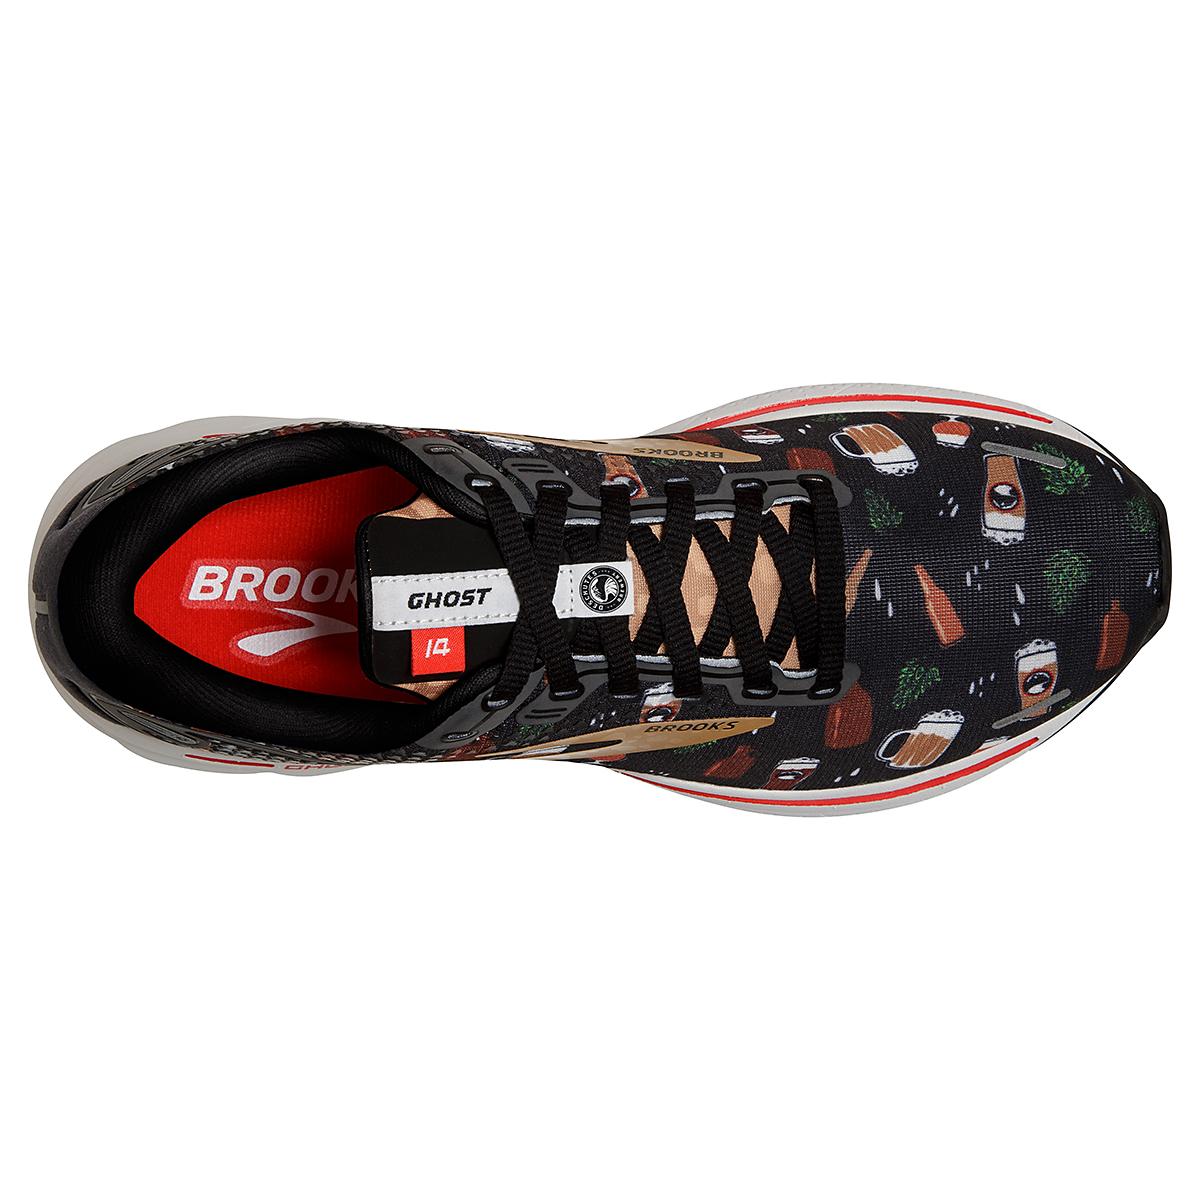 Men's Brooks Ghost 14 Running Shoe - Color: Run Hoppy - Size: 7 - Width: Regular, Run Hoppy, large, image 5